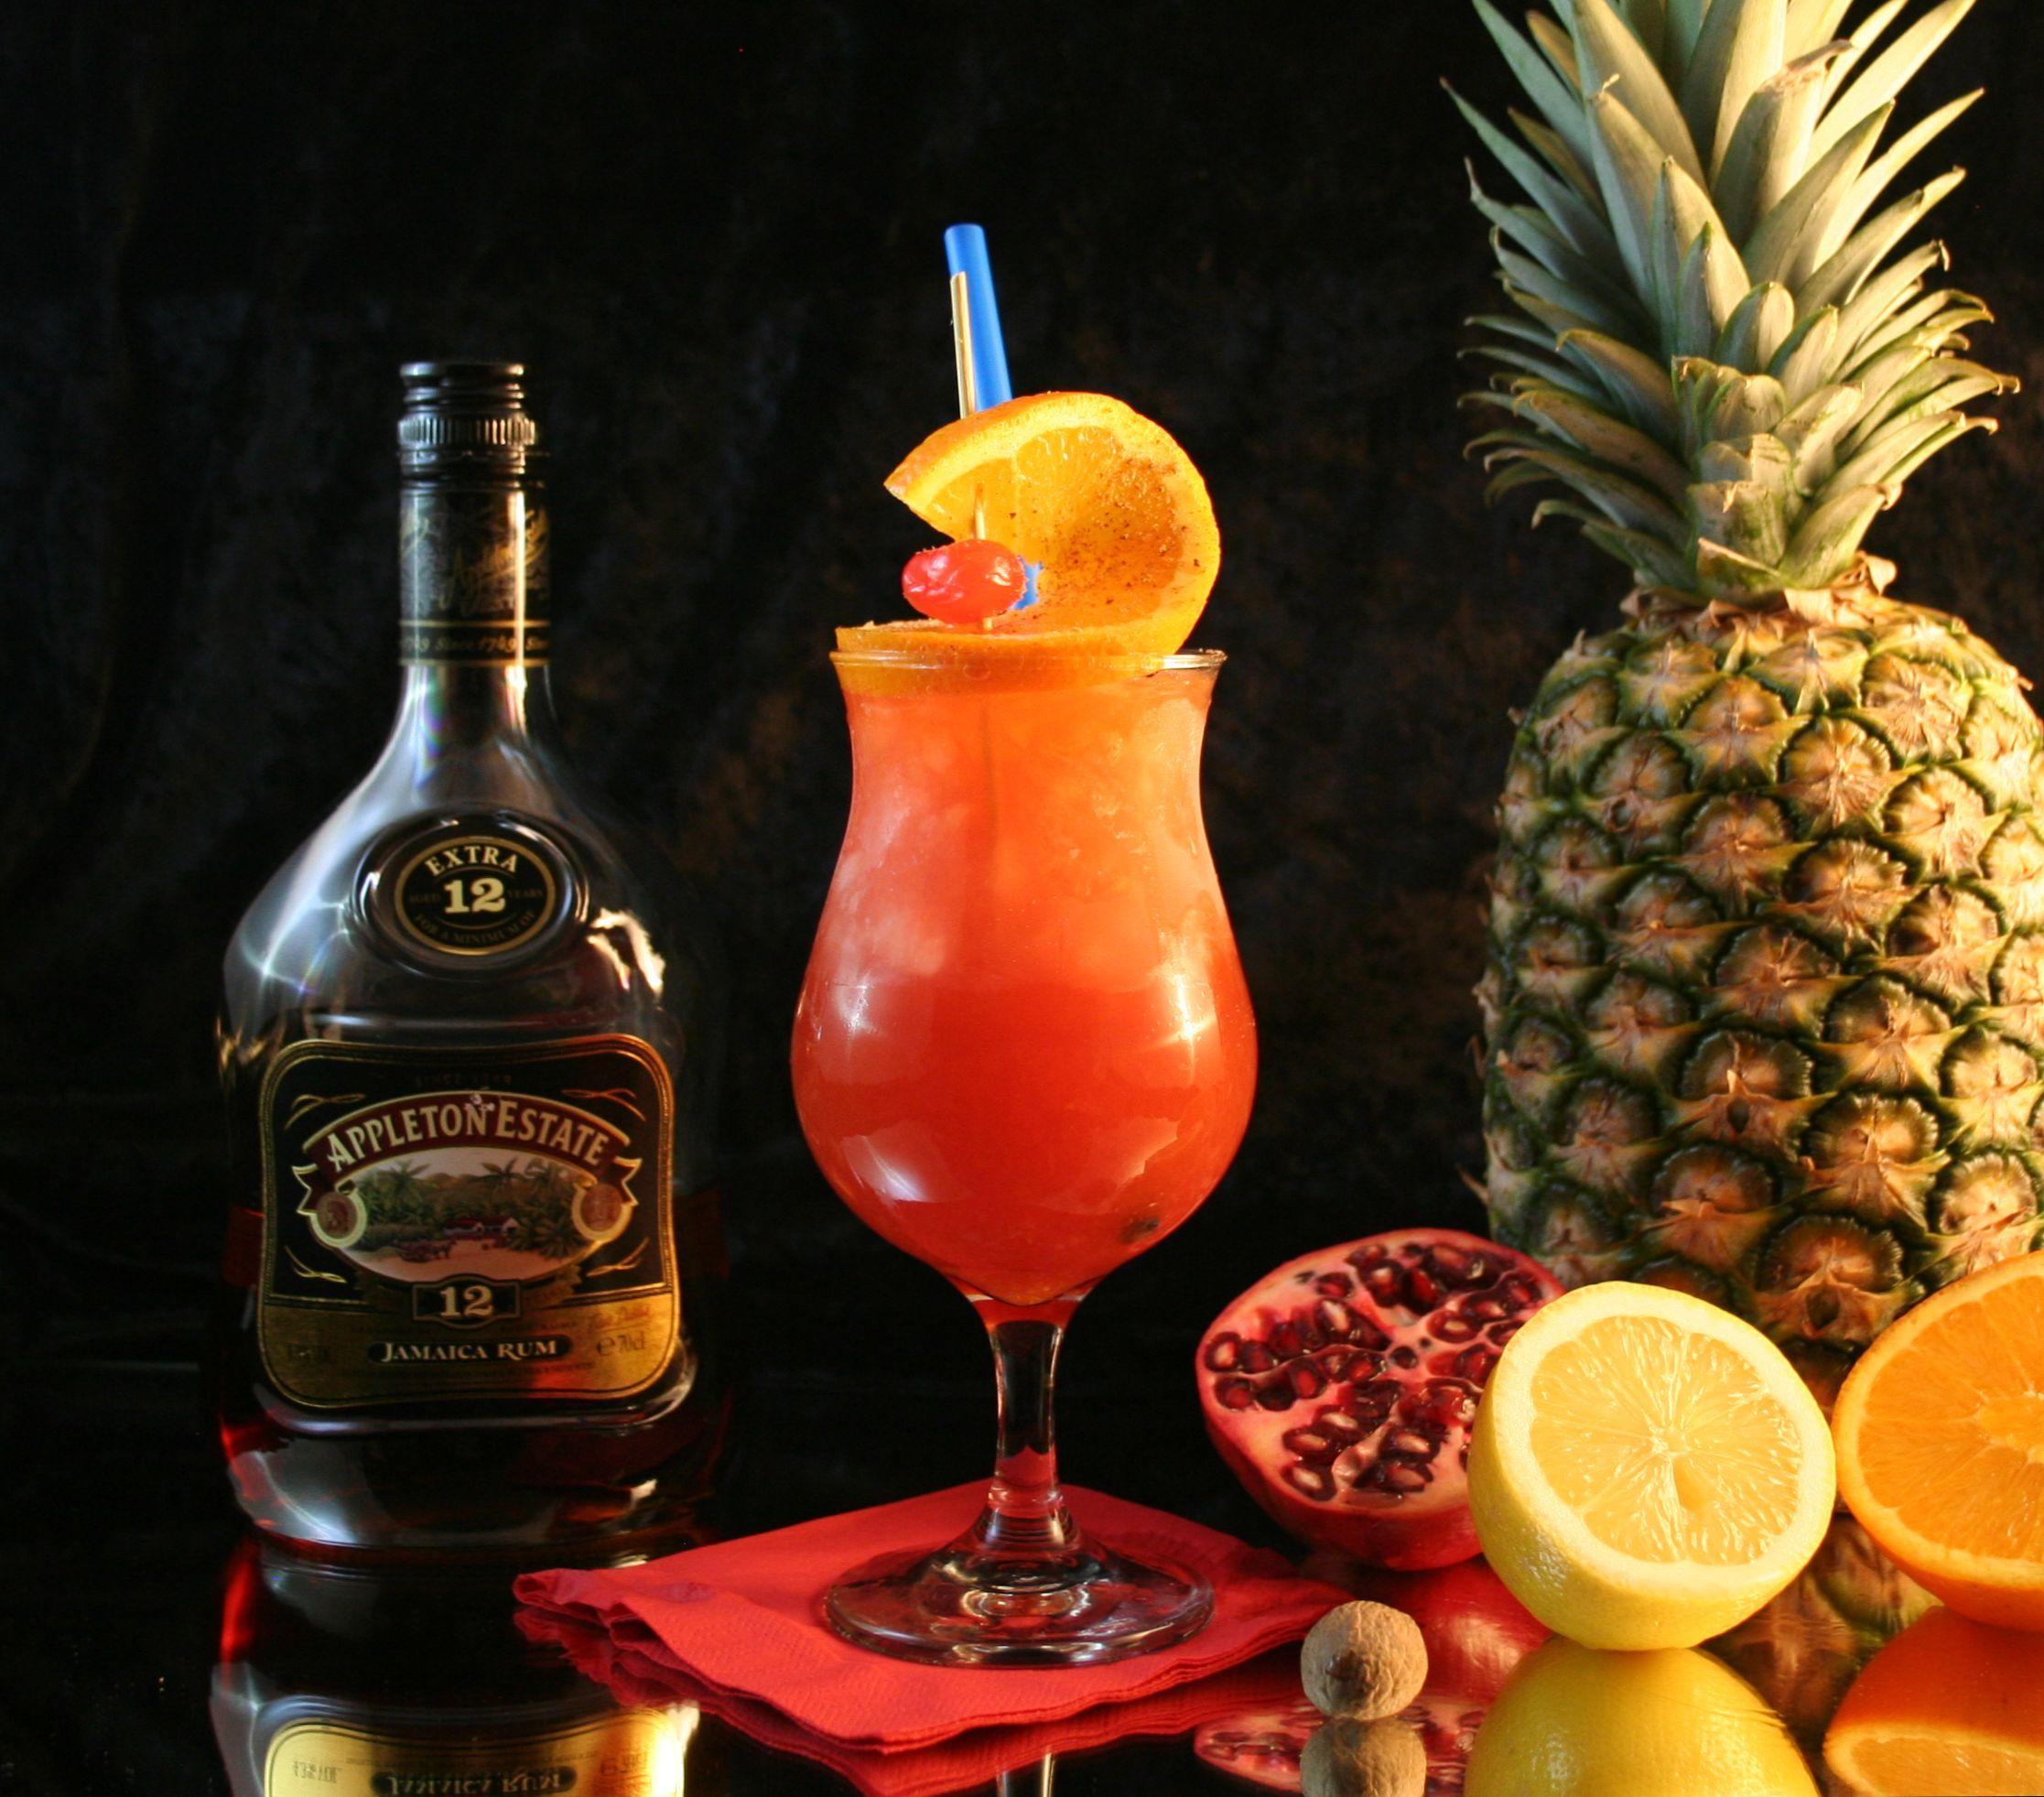 Planter's Rum Punch Recipe